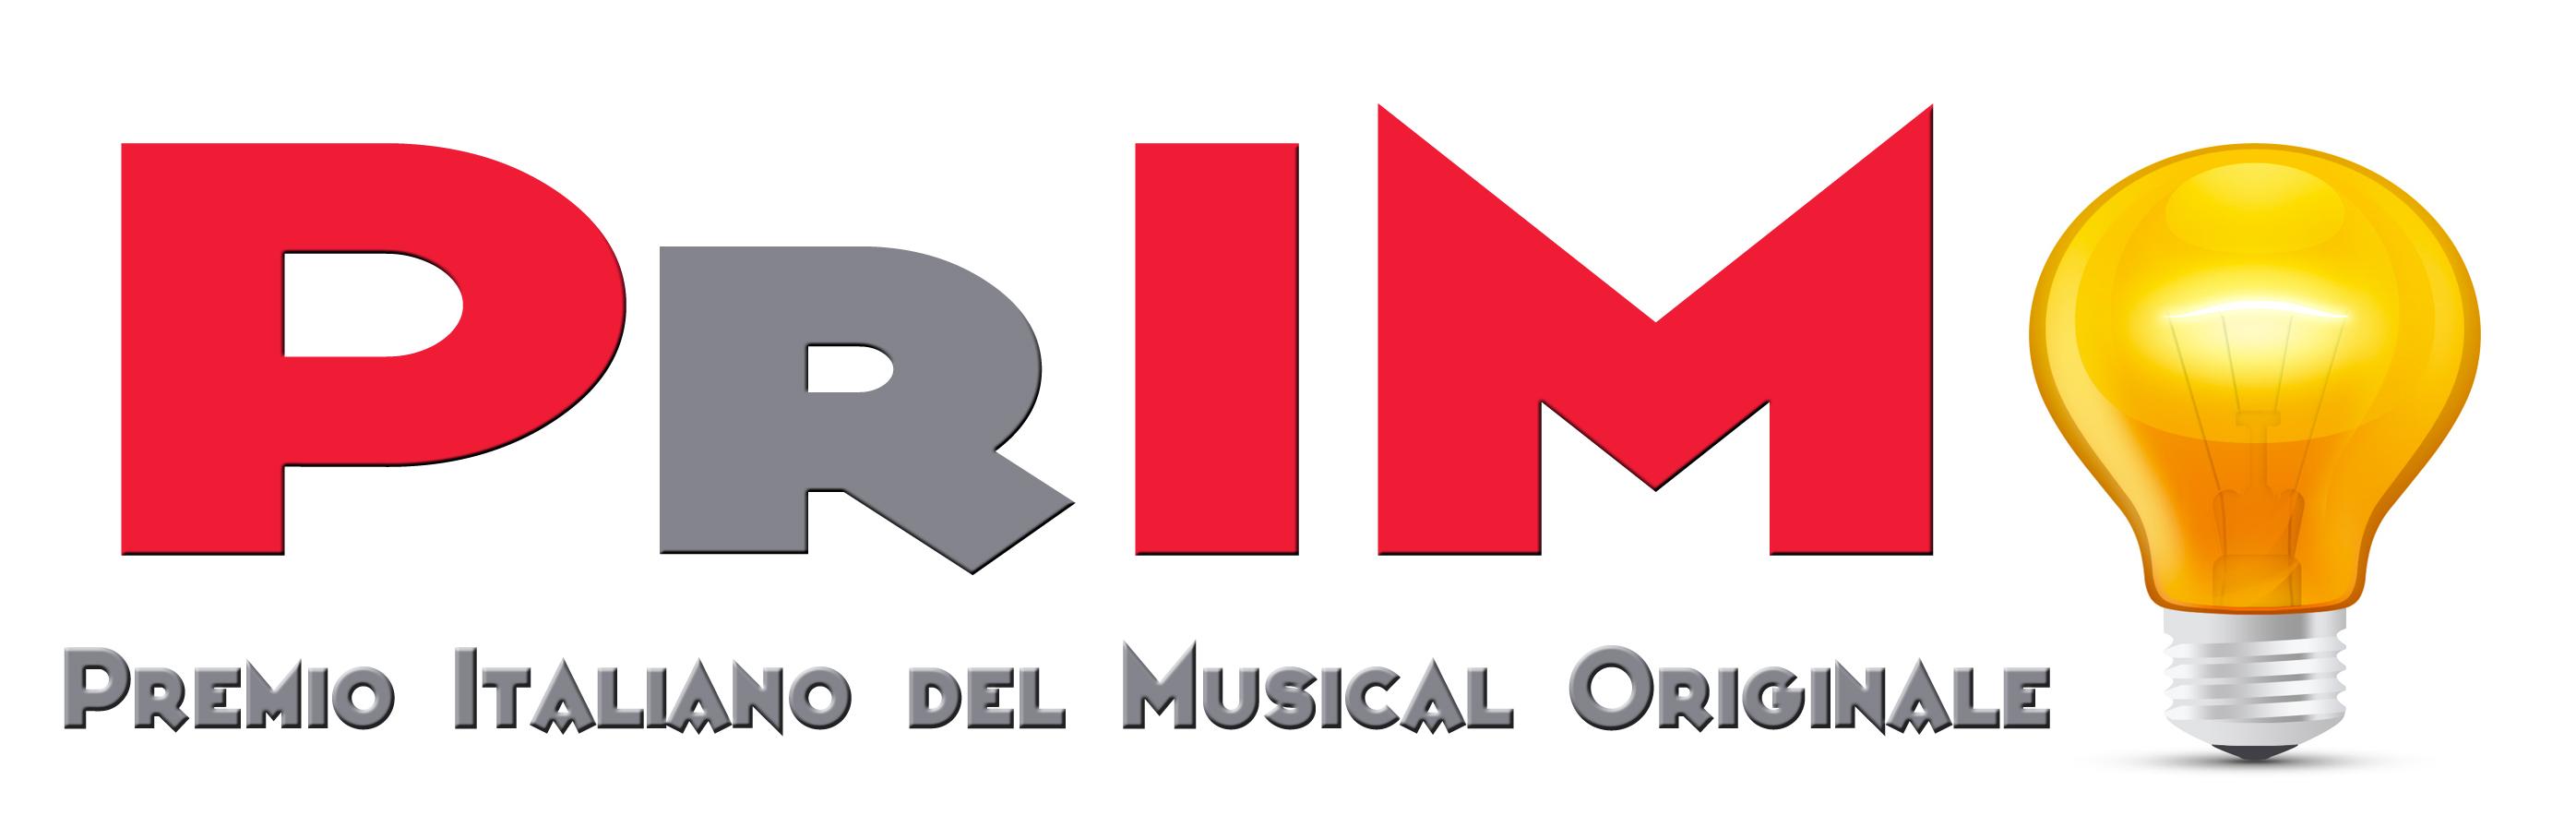 PrIMO 2016 – PREMIO ITALIANO DEL MUSICAL ORIGINALE